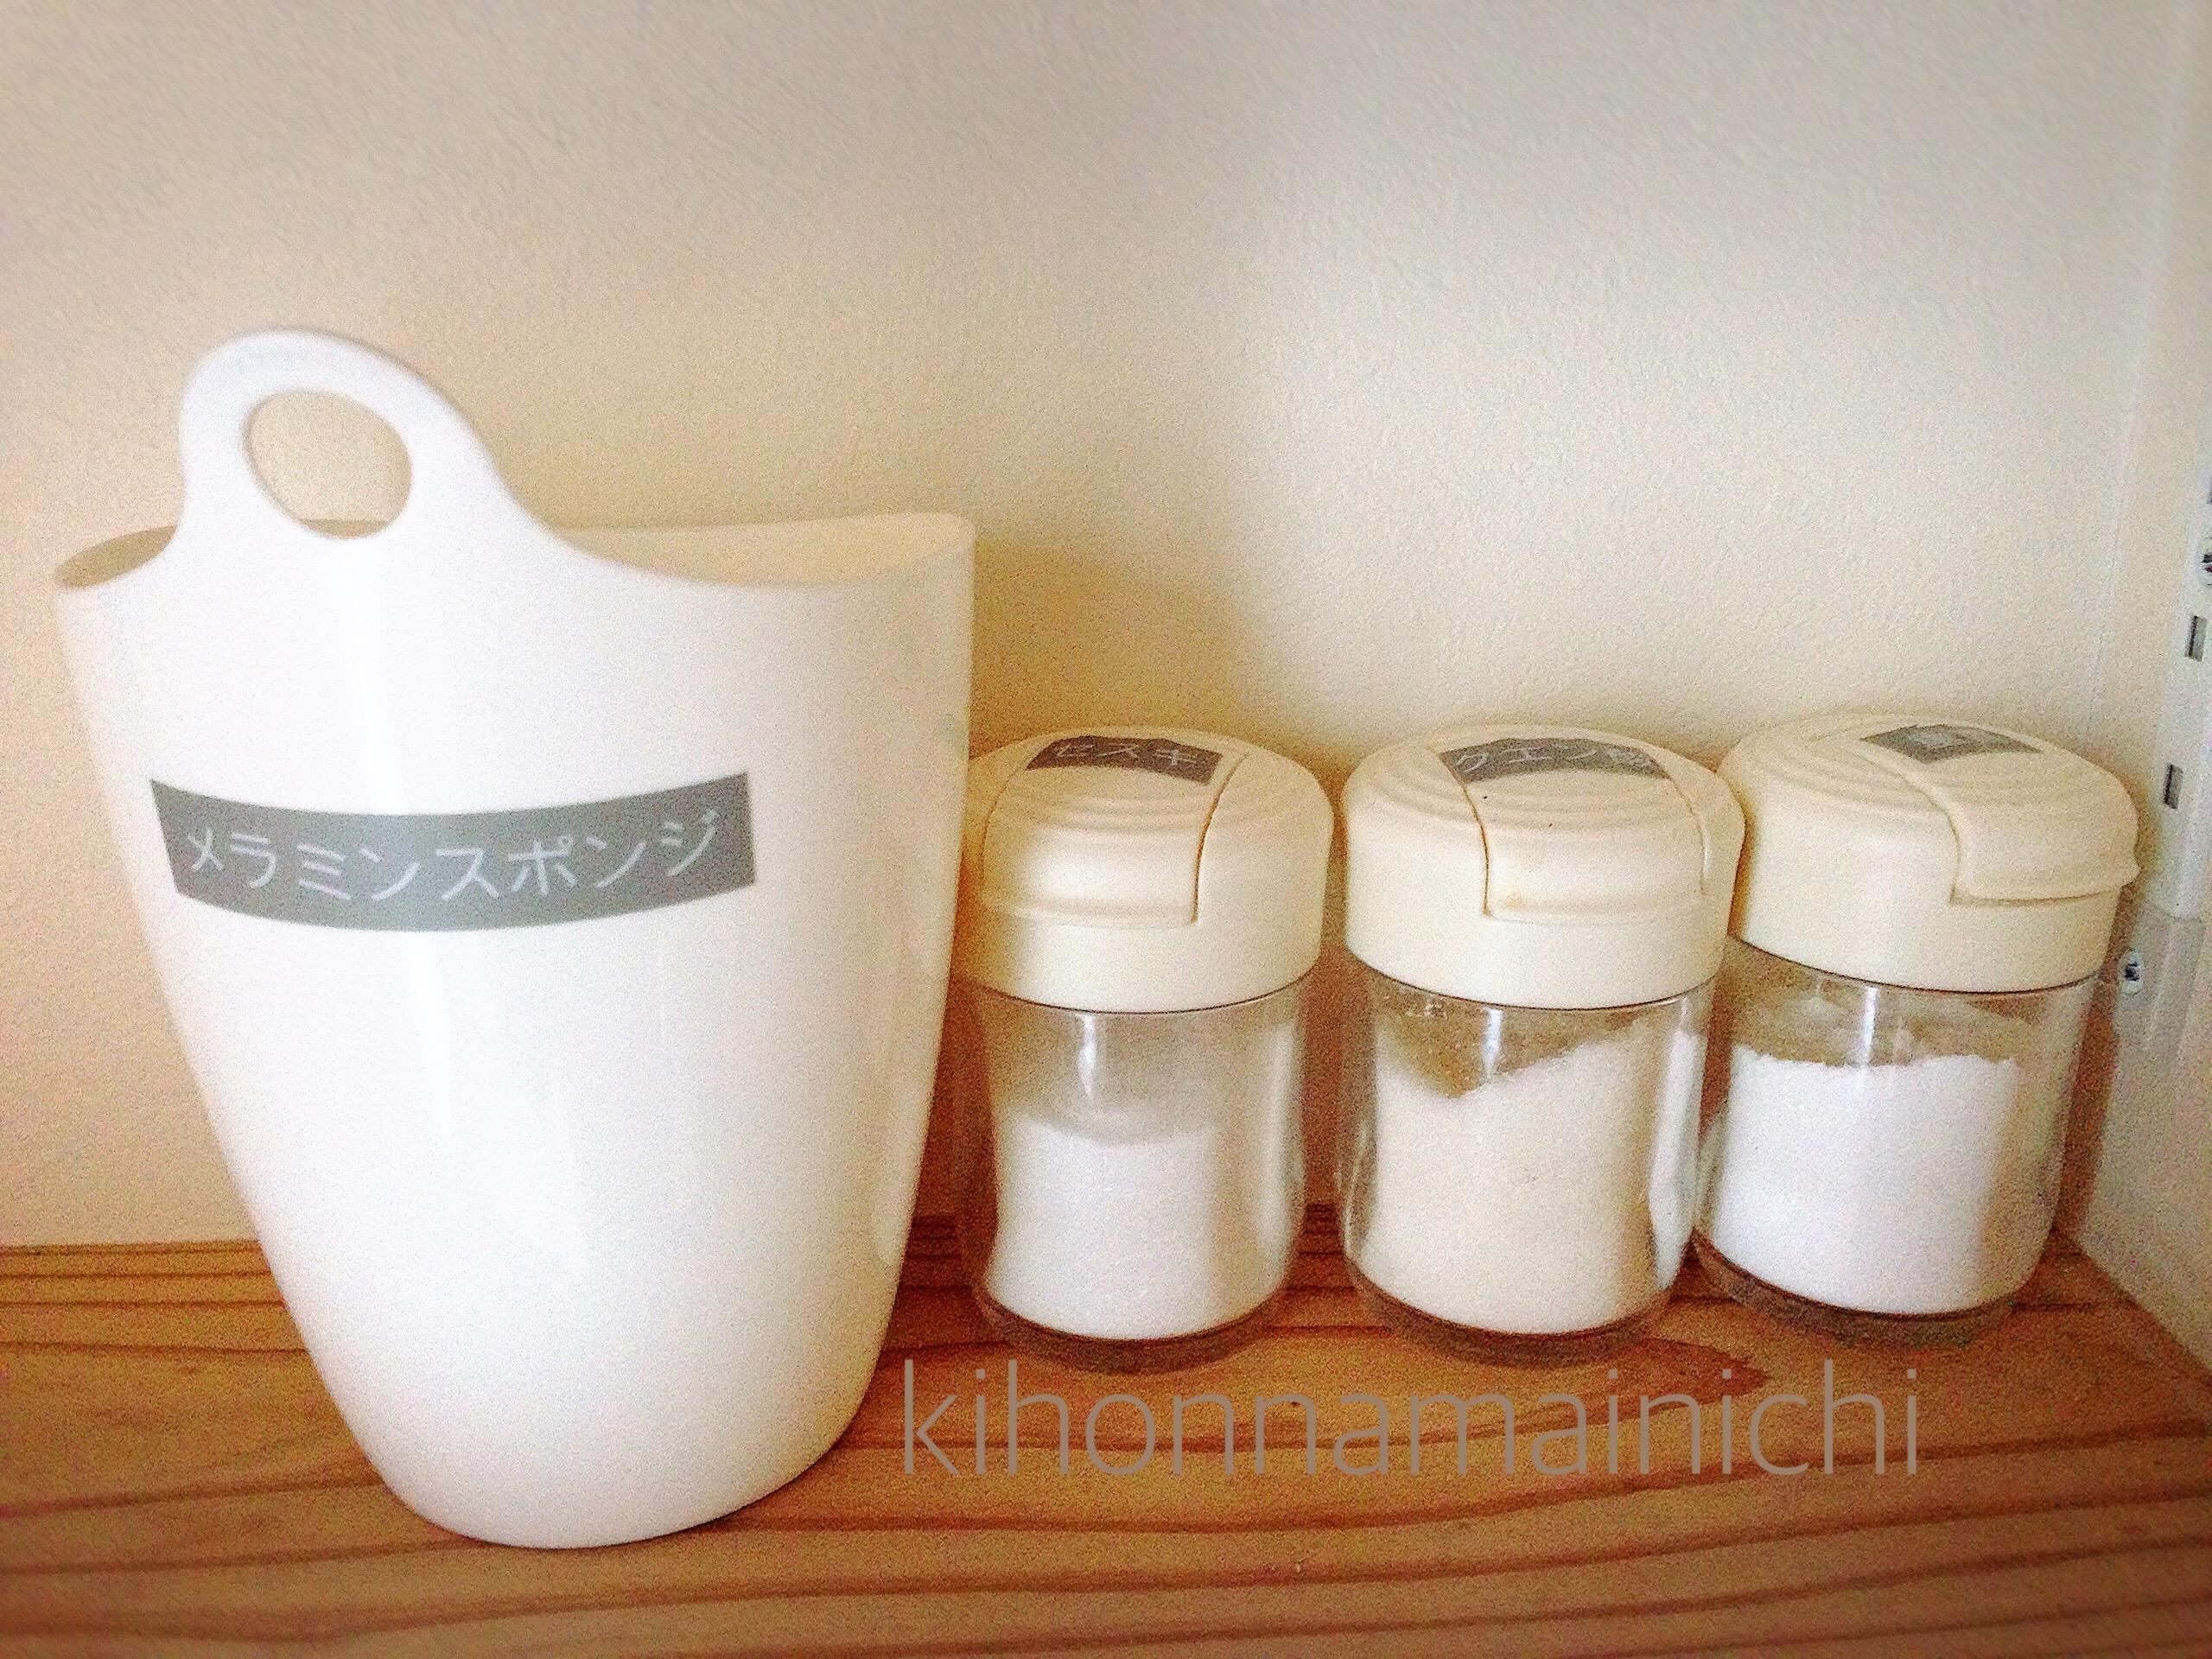 掃除用品に使う重曹やクエン酸の収納ケースは100均でシンプルにスッキリと!